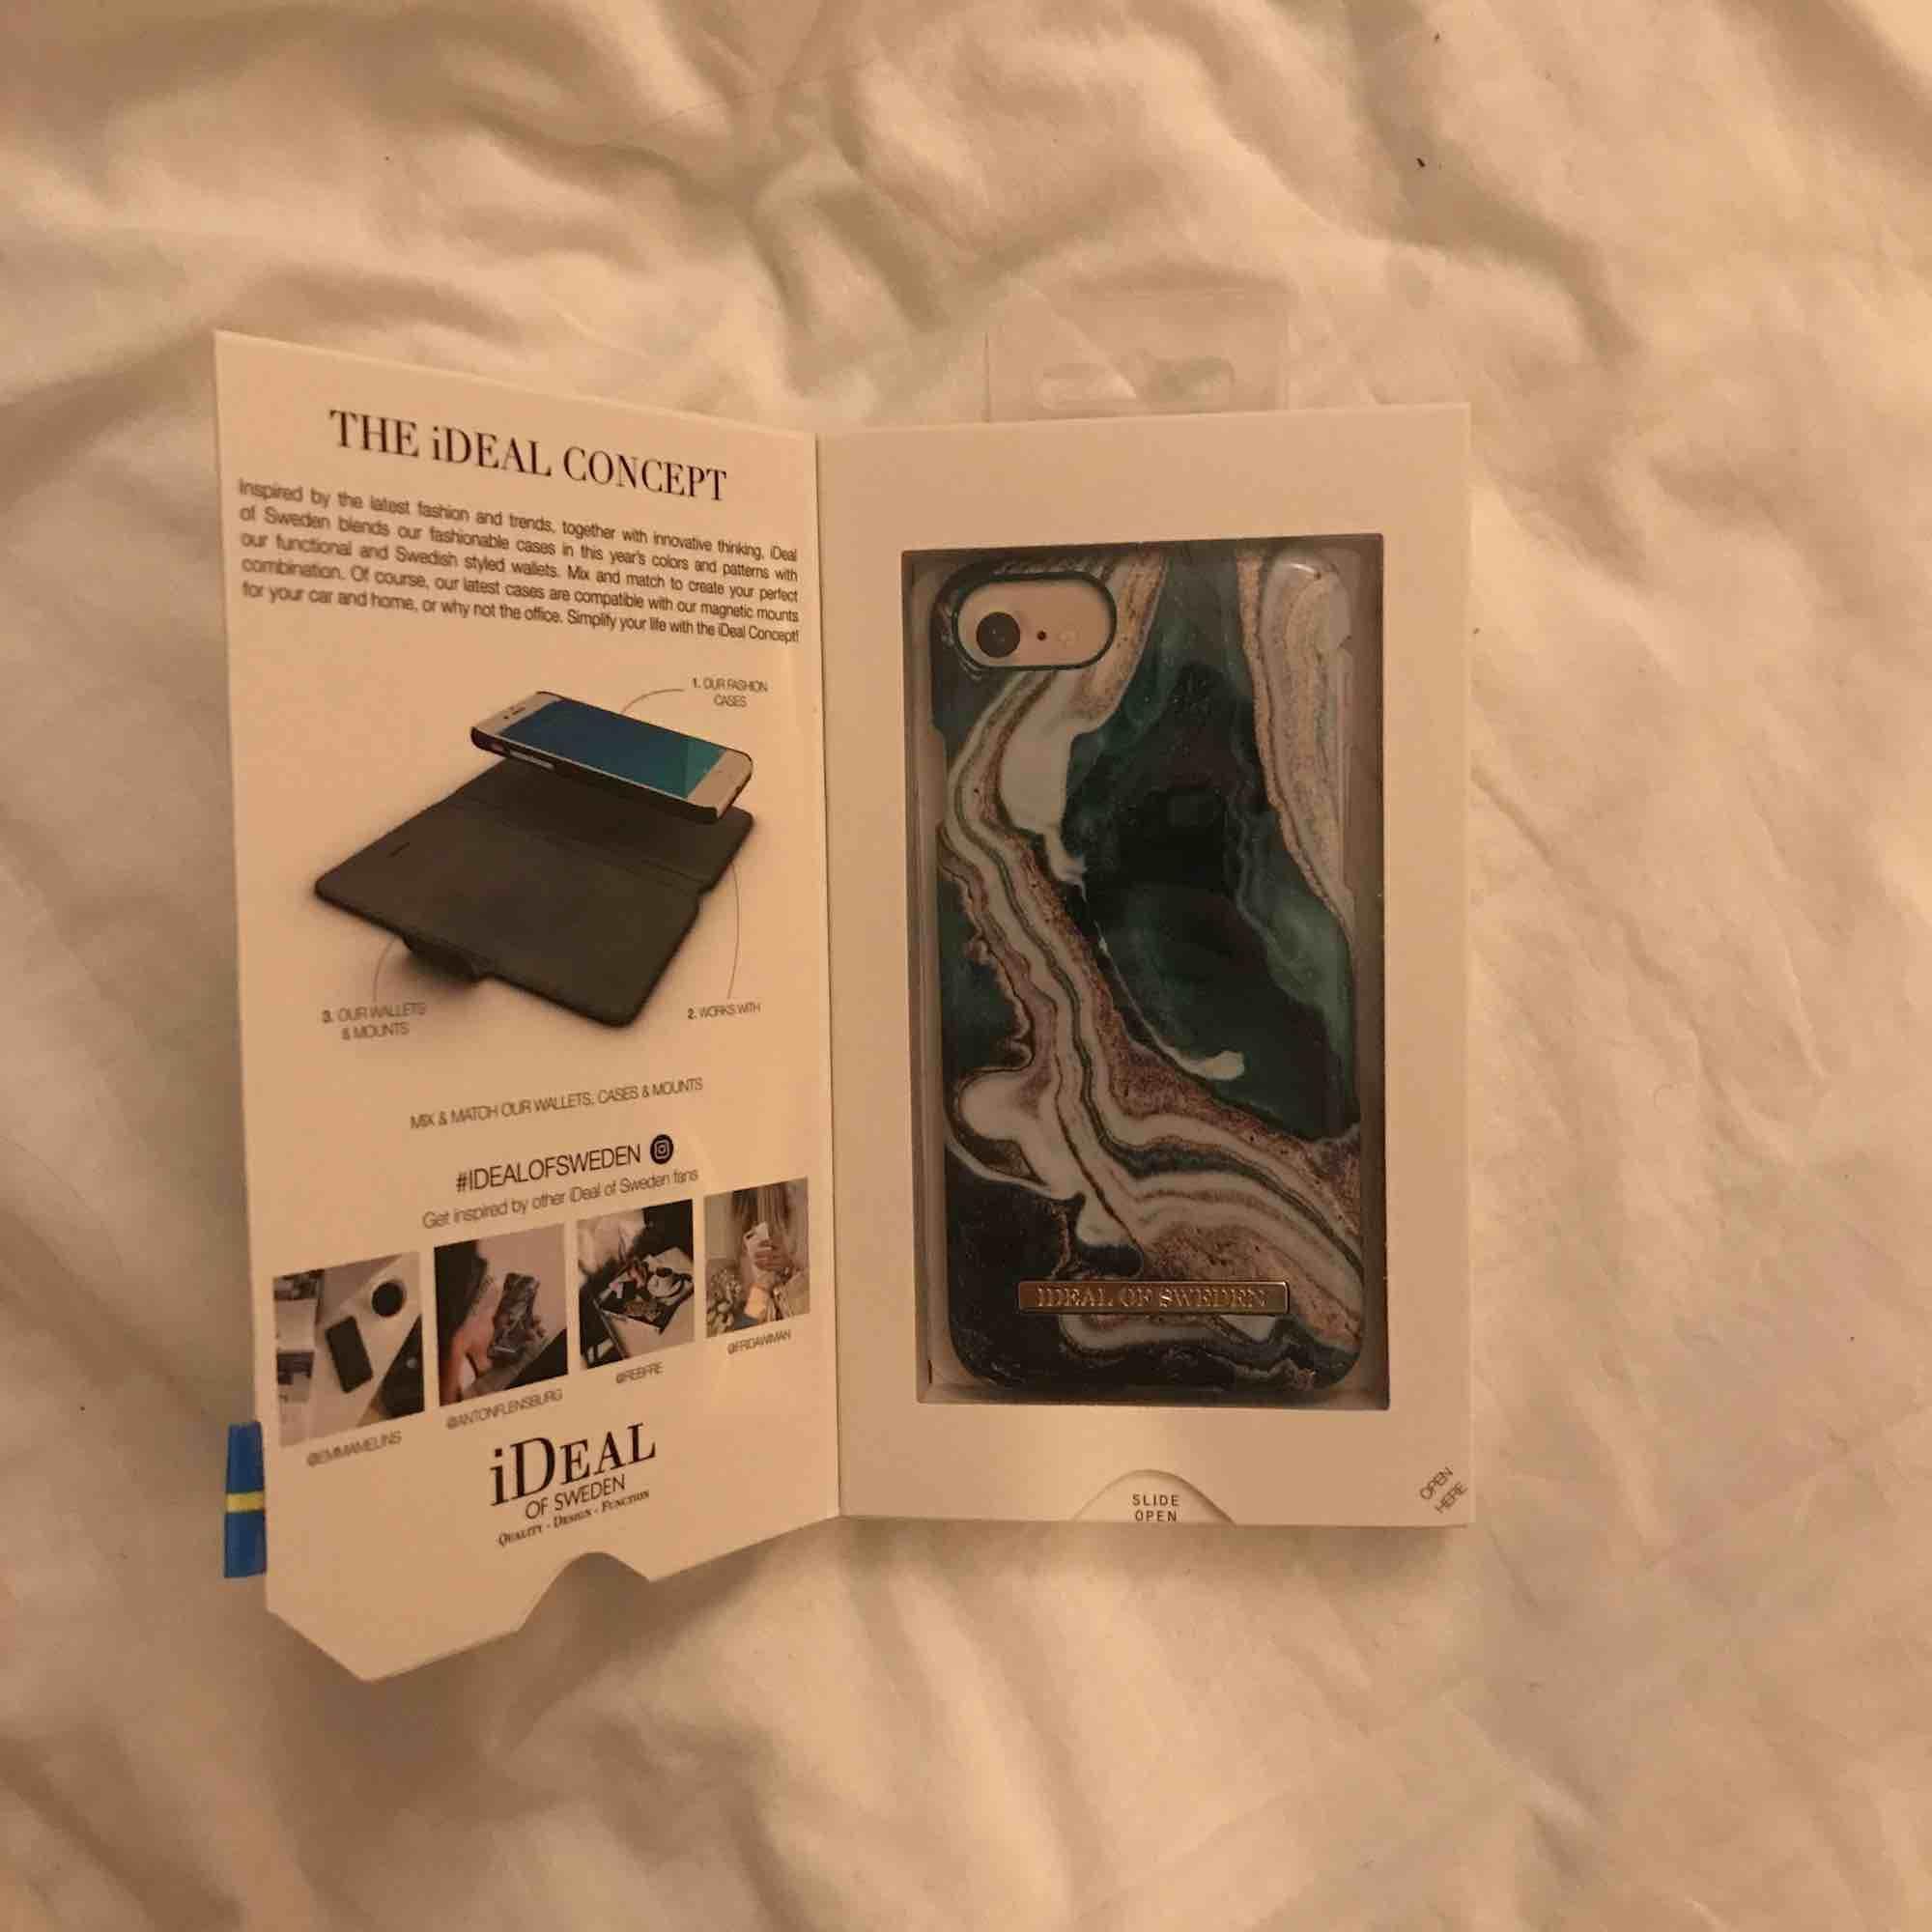 Helt nytt och oanvänt skal ifrån ideal of Sweden, superfin design! har inte varit utanför förpackningen alls. Funkar för iPhone 8/7/6/6s. Frakt betalas av köparen (35kr). Betslas med swish! . Accessoarer.